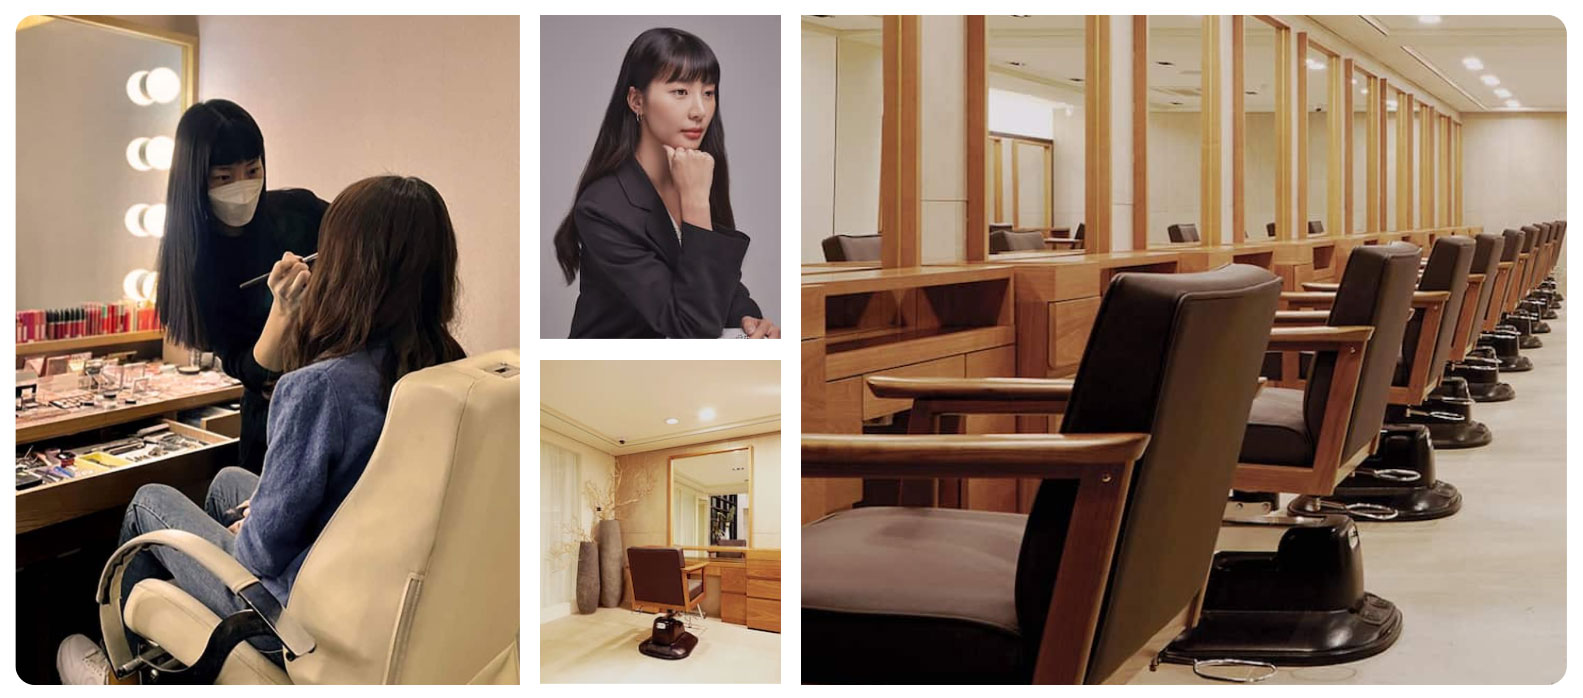 Học makeup phong cách Kpop cùng nghệ sỹ trang điểm của IZ*ONE 3